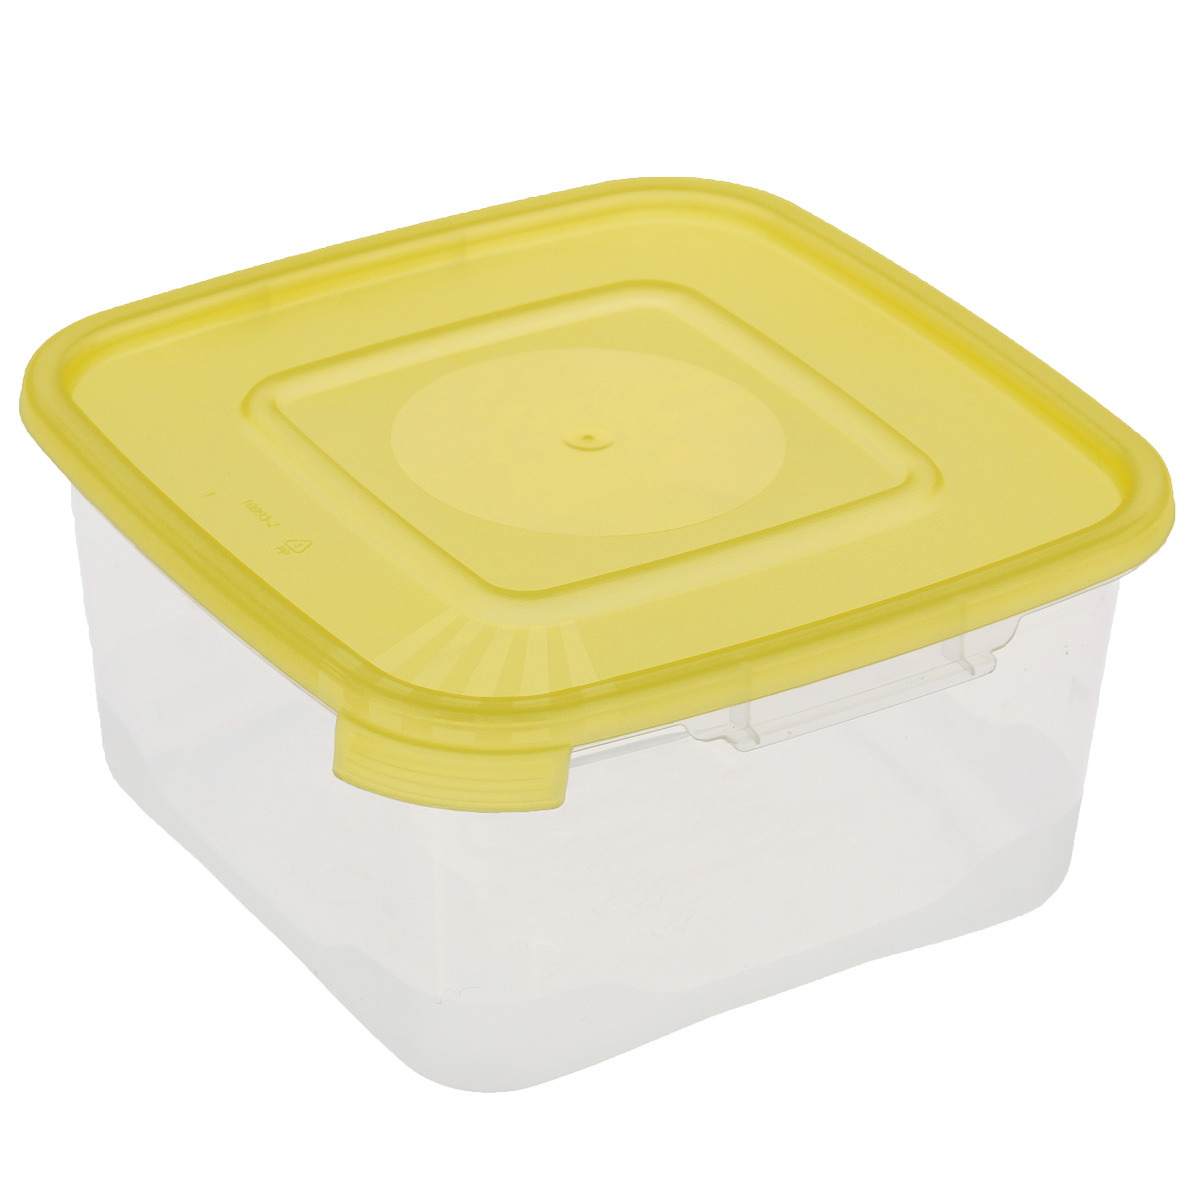 Контейнер Полимербыт Каскад, цвет: желтый, 460 млС610Контейнер Полимербыт Каскад квадратной формы, изготовленный из прочного пластика, предназначен специально для хранения пищевых продуктов. Крышка легко открывается и плотно закрывается.Прозрачные стенки позволяют видеть содержимое.Контейнер устойчив к воздействию масел и жиров, легко моется. Контейнер имеет возможность хранения продуктов глубокой заморозки, обладает высокой прочностью.Можно мыть в посудомоечной машине. Подходит для использования в микроволновых печах.